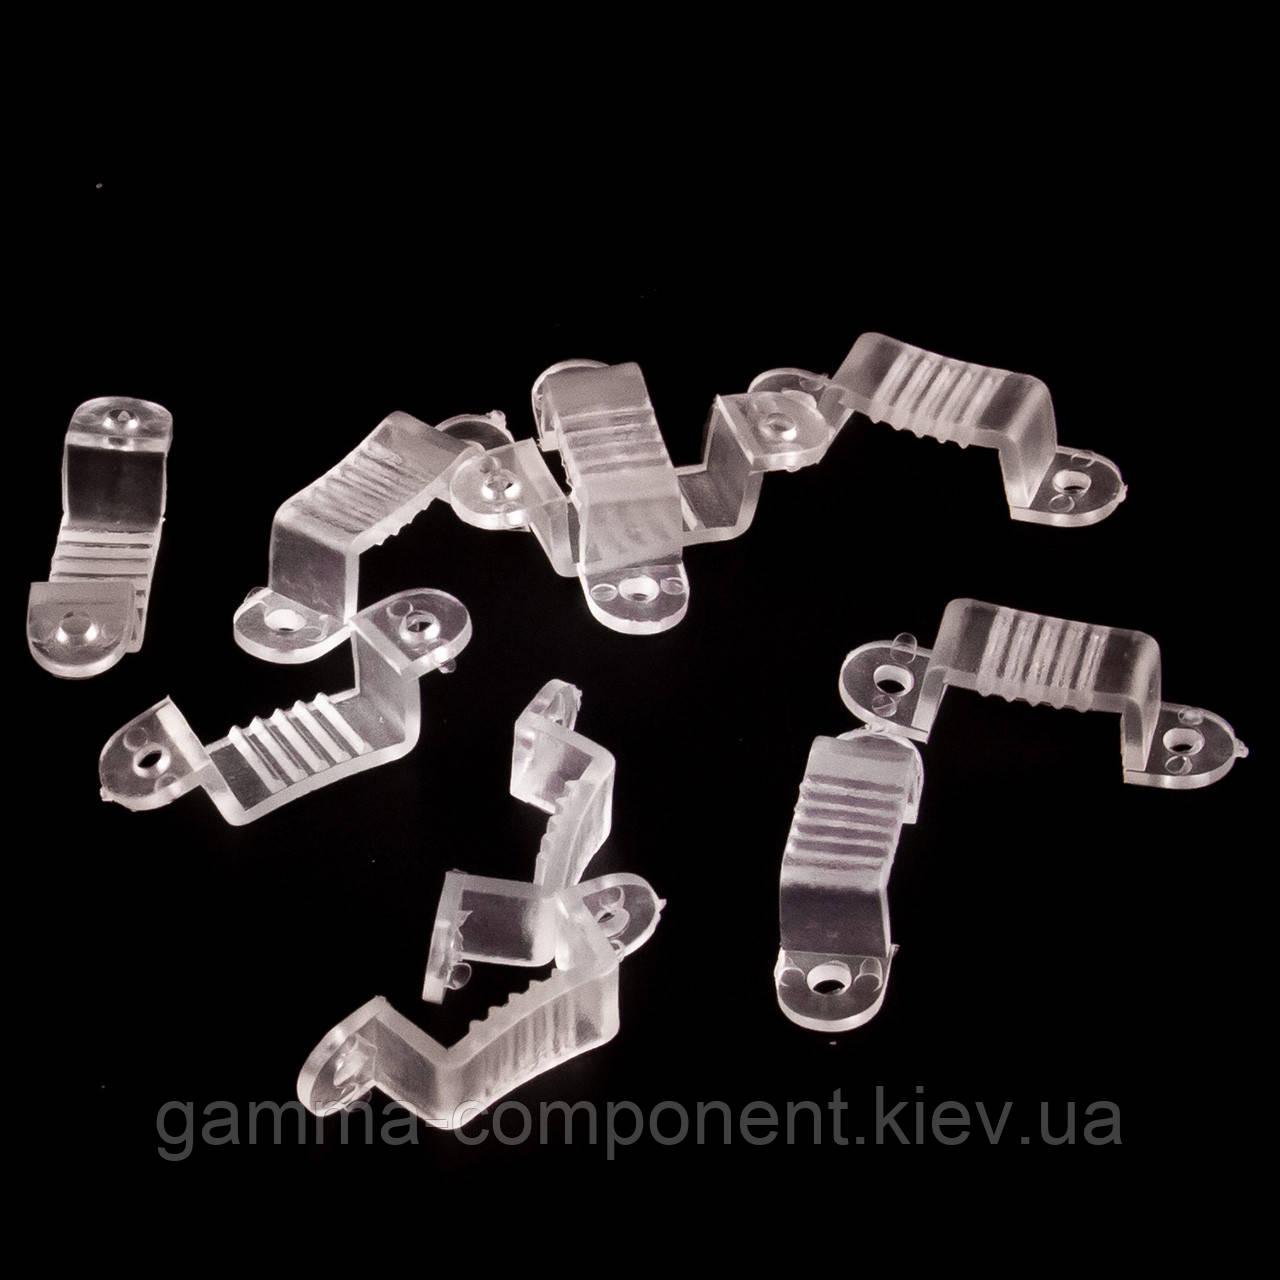 Монтажная клипса для светодиодной ленты 220В smd 5050-60 лед/м